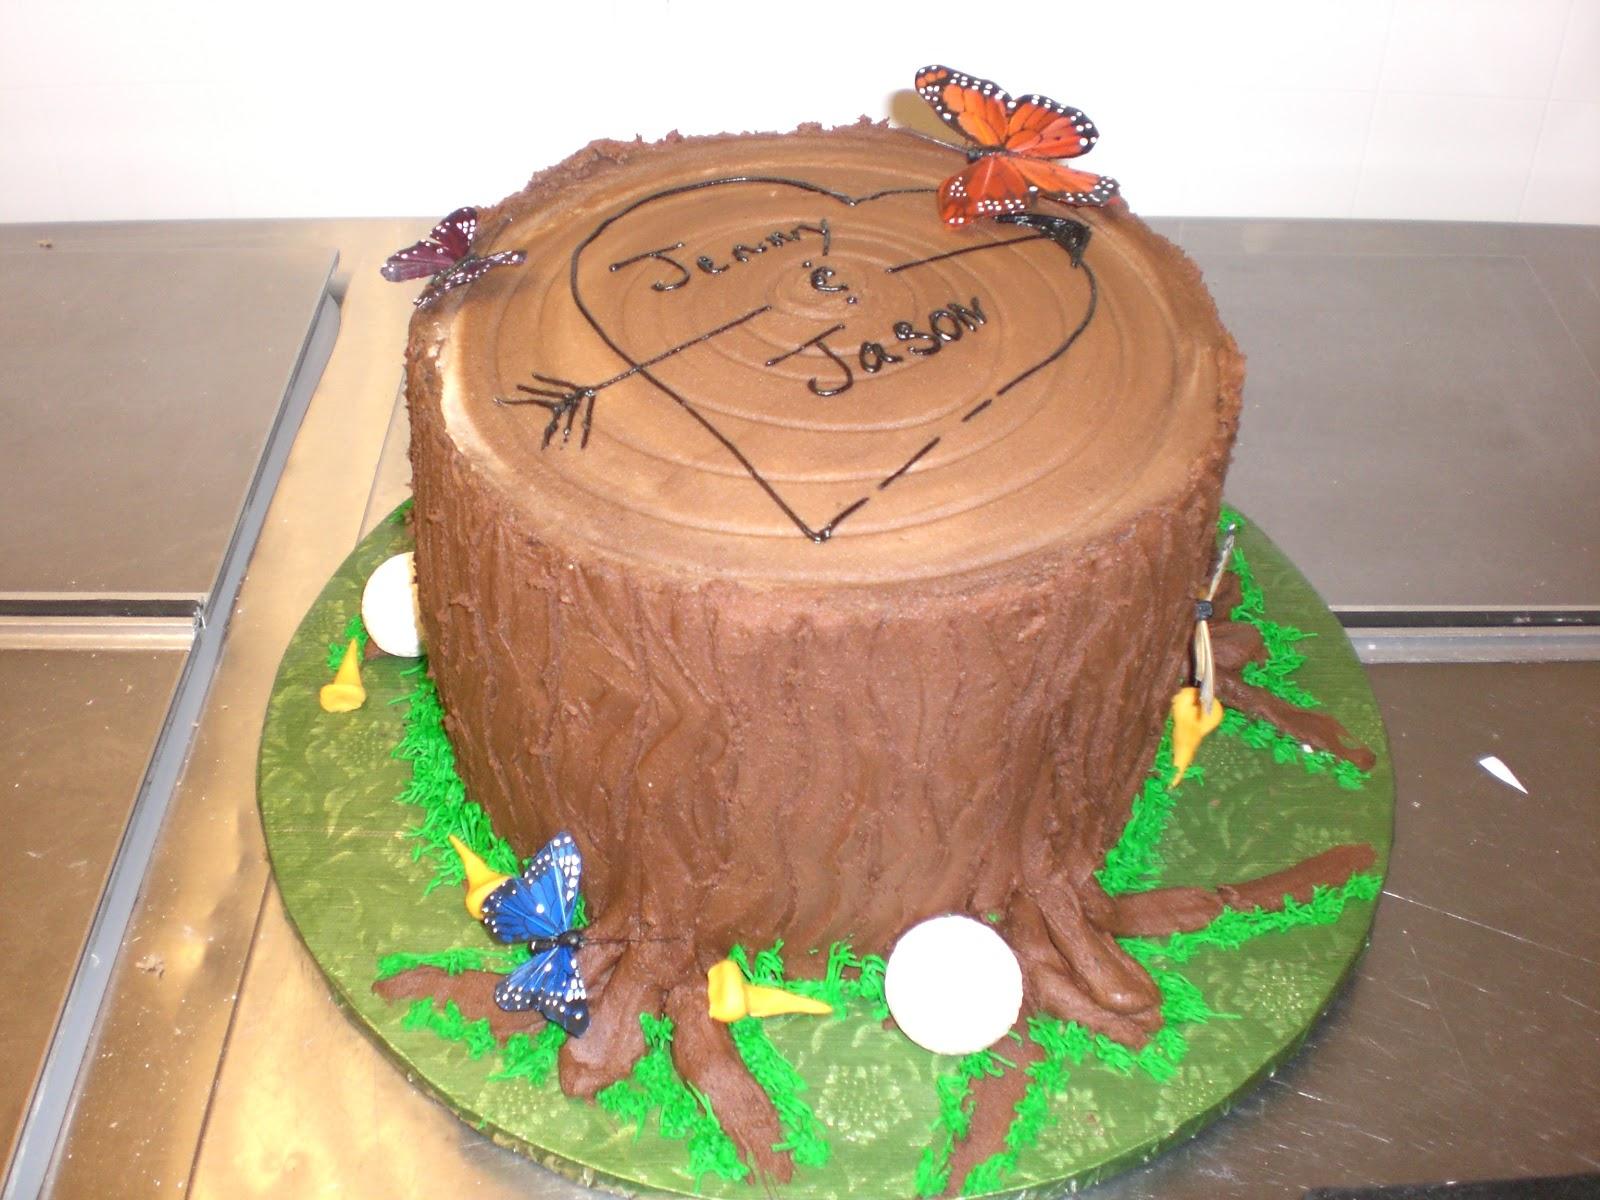 CAFE AROMAS: Tree Stump Cake